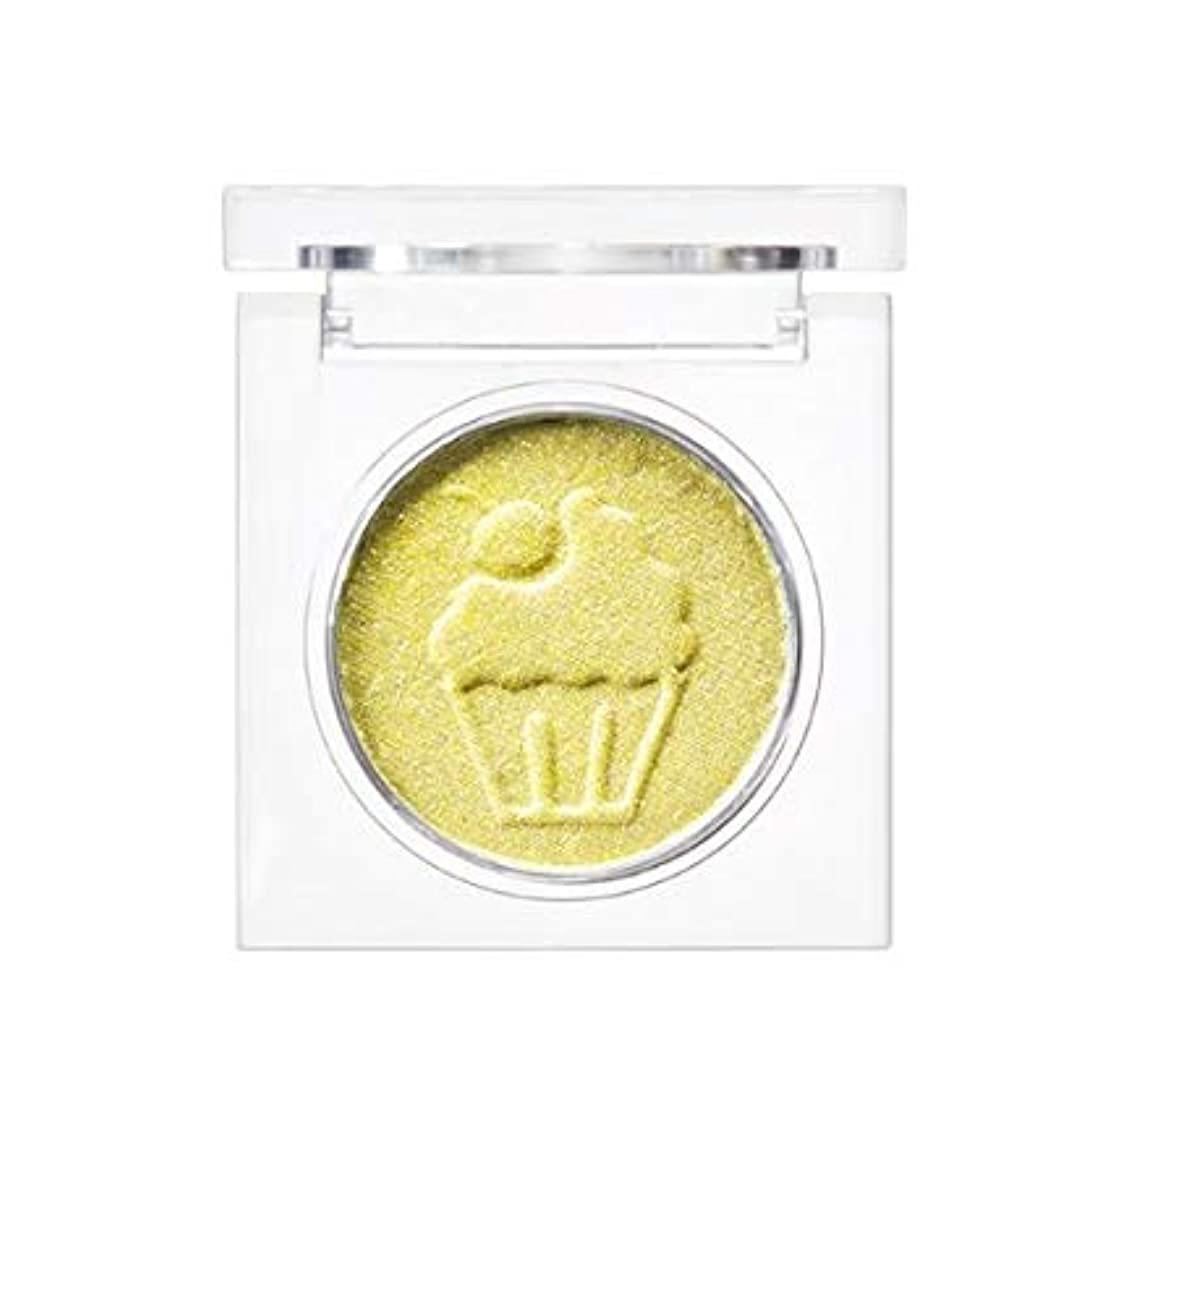 気まぐれな幻影リアルSkinfood 私のデザートパーティーアイシャドウ#G02ライムプリン / My Dessert Party Eyeshadow #G02 Lime Pudding [並行輸入品]